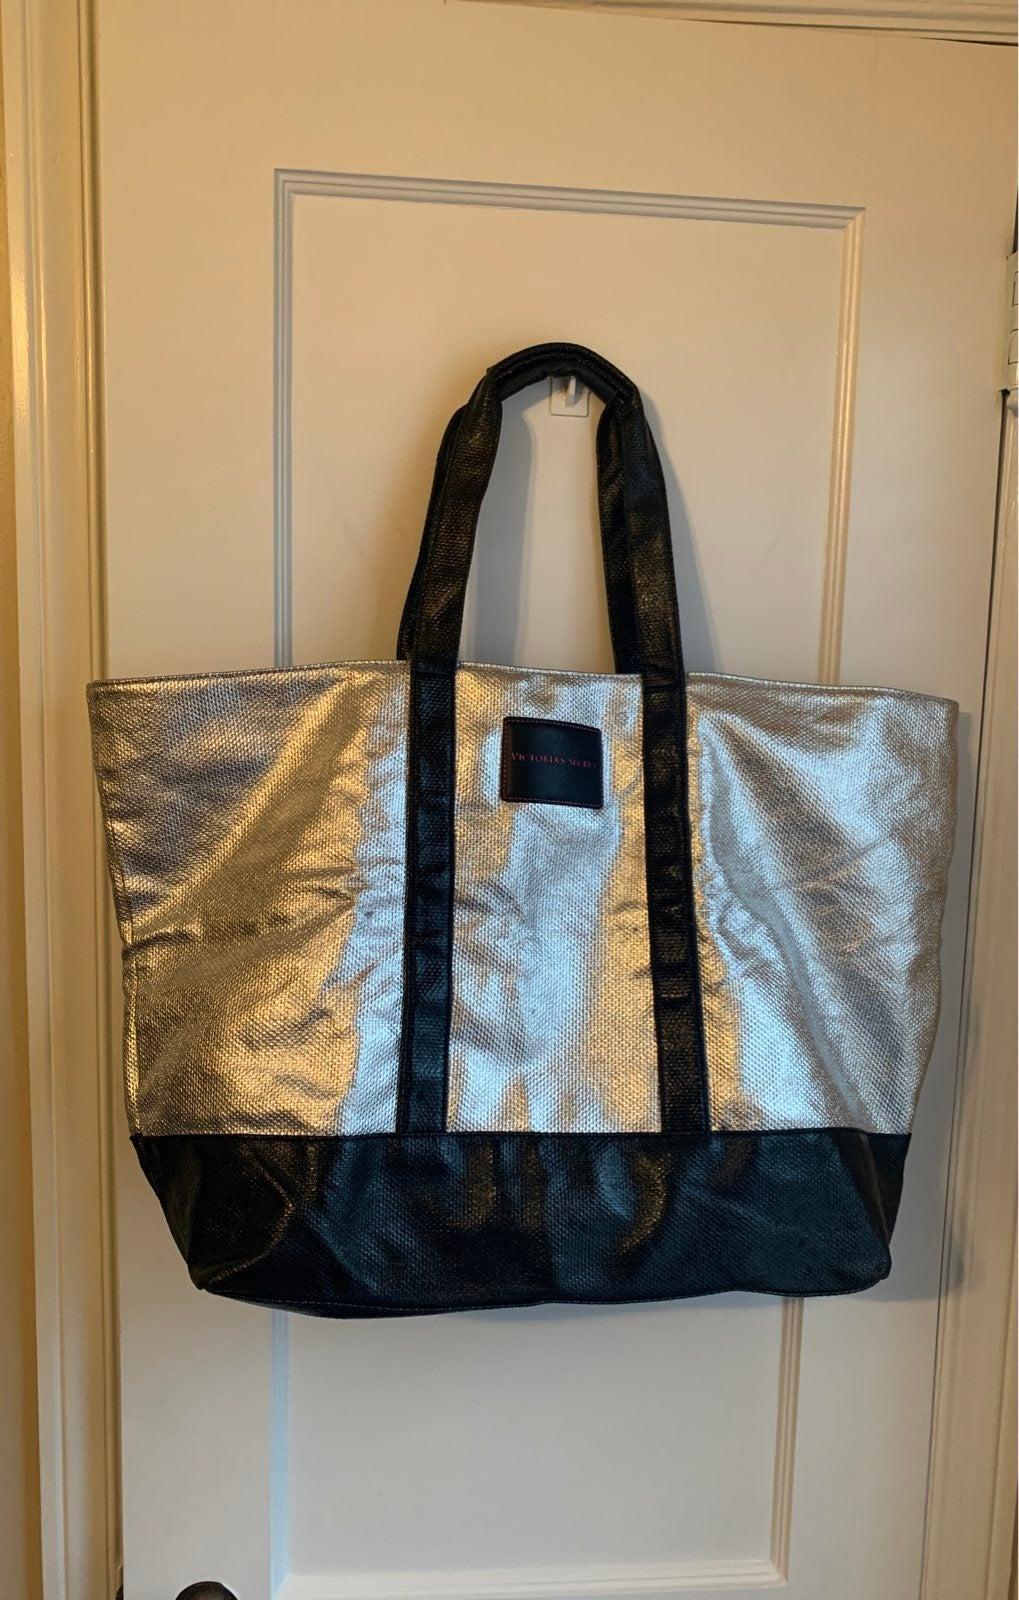 Victoria secret big bag